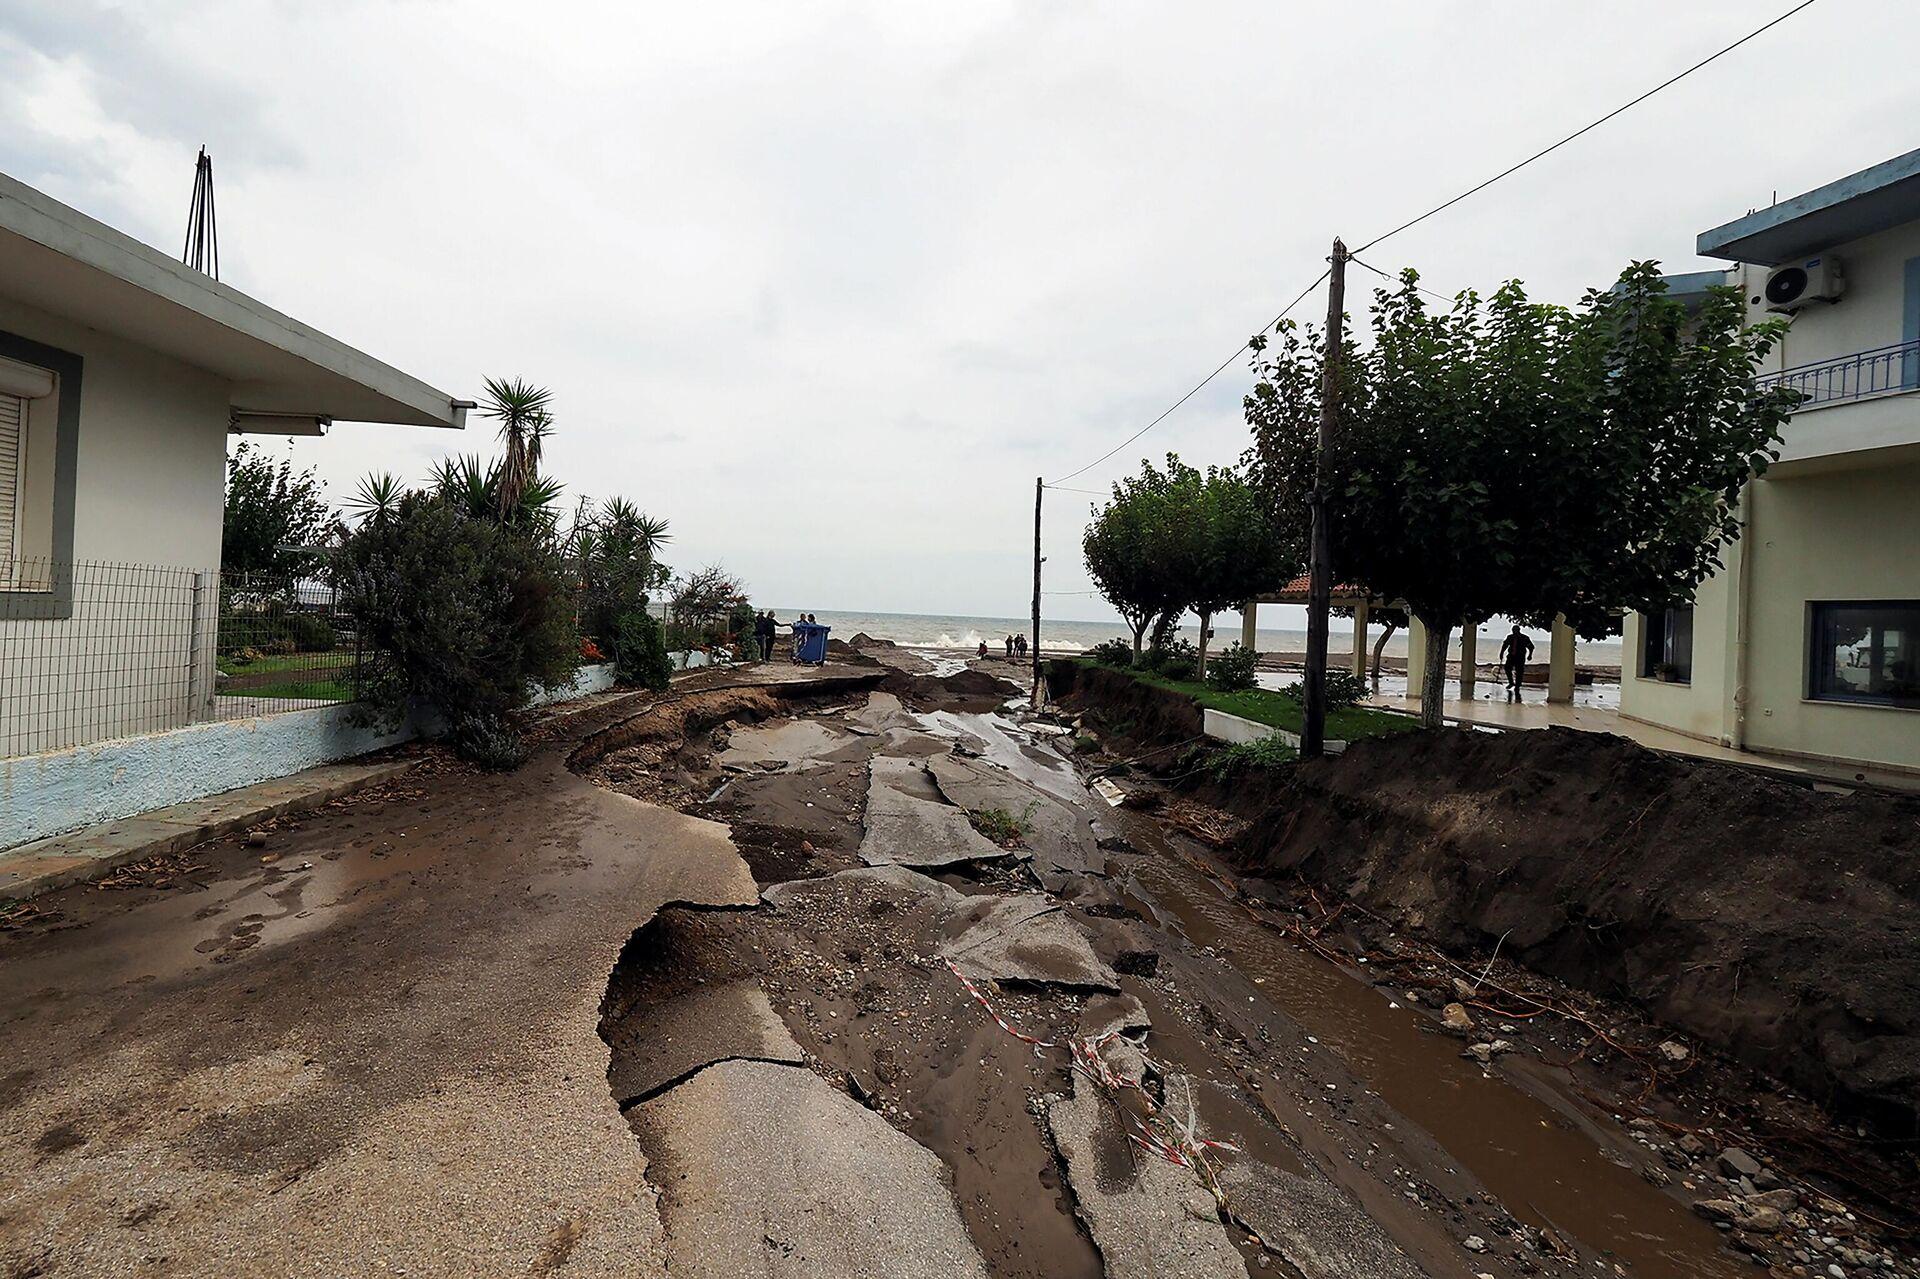 Poplave uništile put koji vodi ka plaži na grčkom ostrvu Evija - Sputnik Srbija, 1920, 11.10.2021